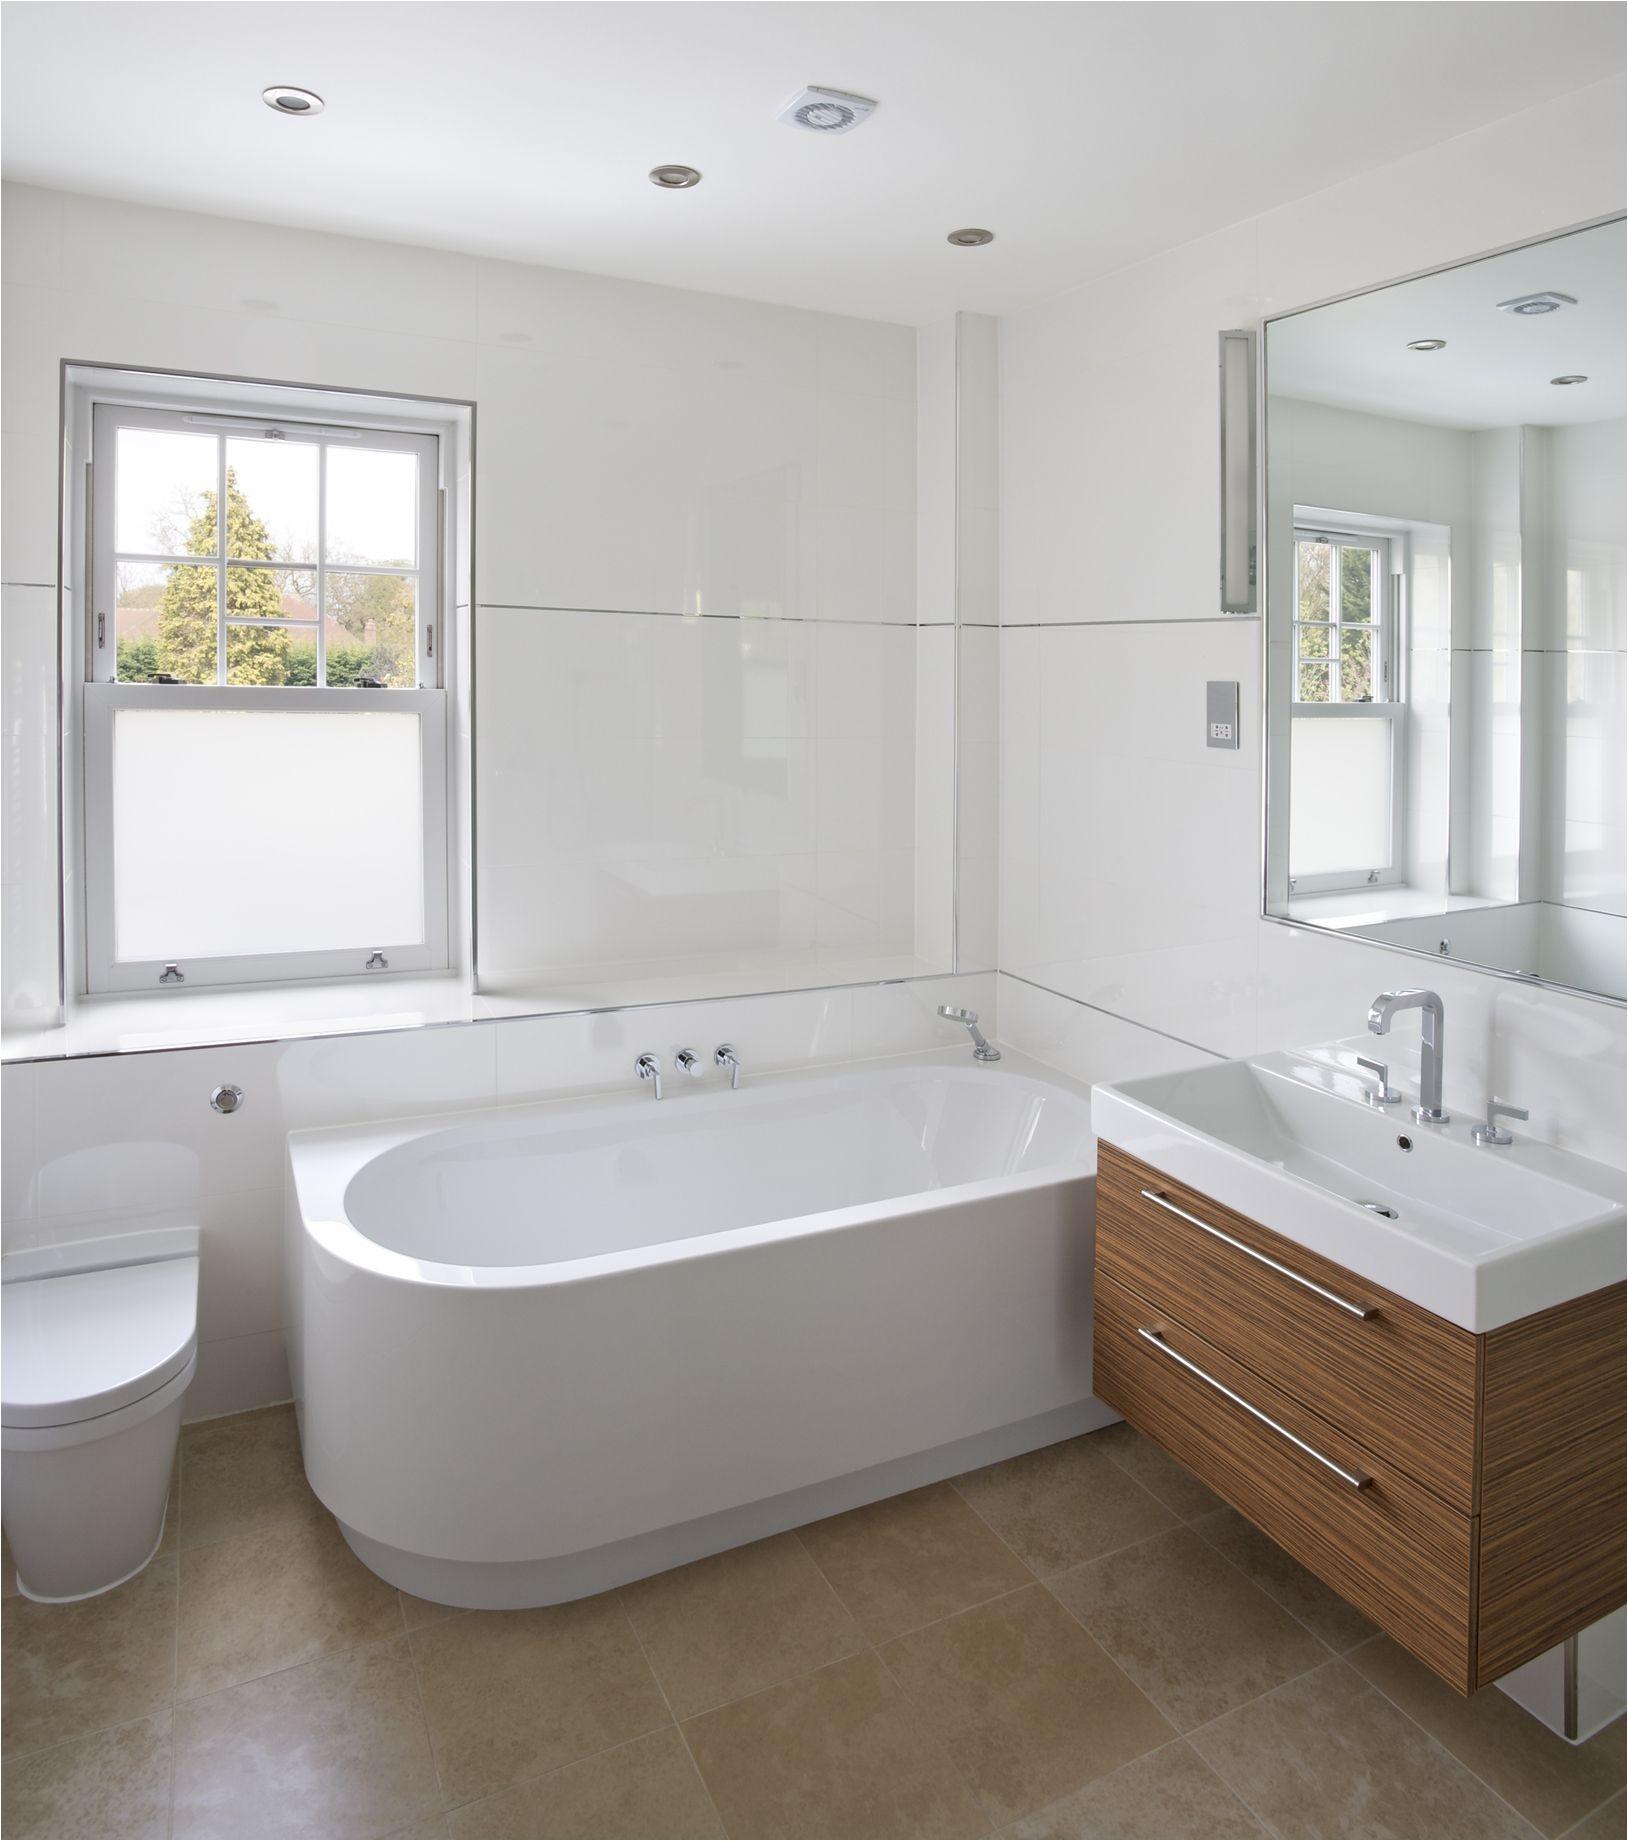 bathroomtub gettyimages 175597537 596ea3f5685fbe001133ede7